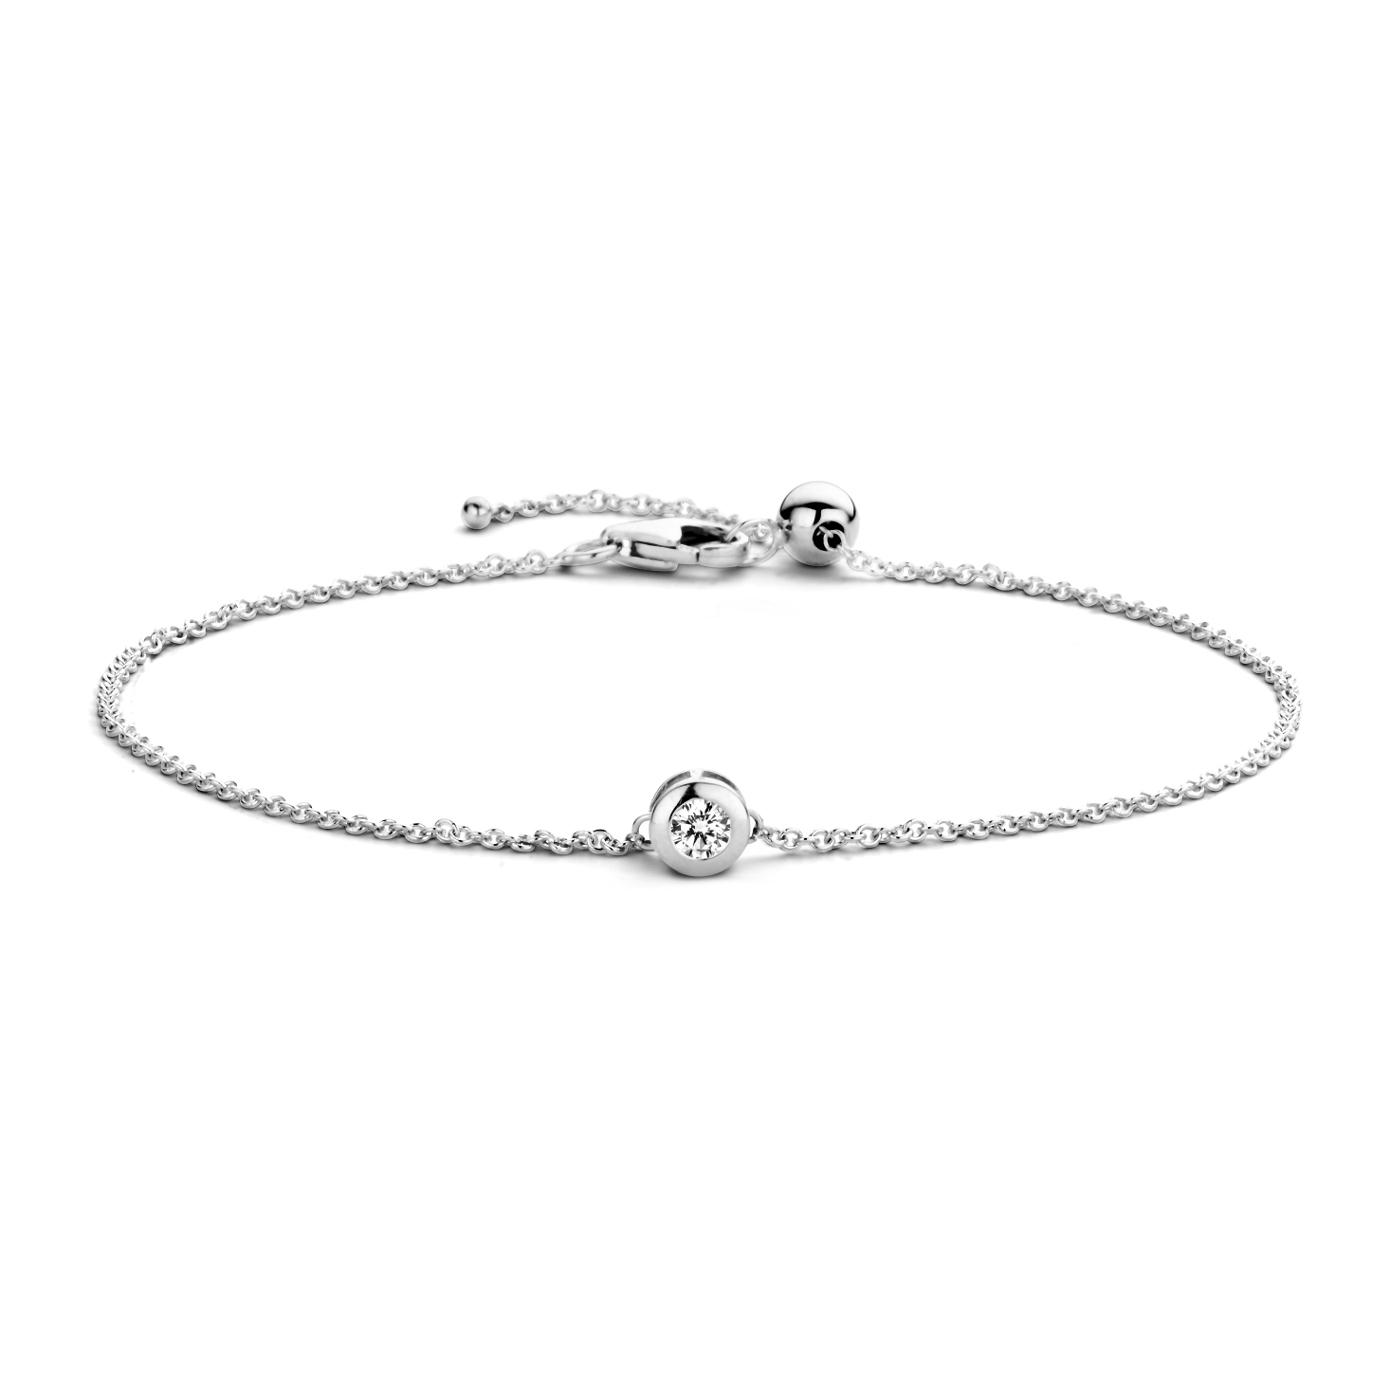 Bilde av Blush bracelet 2167WZI (Size: 18 cm)